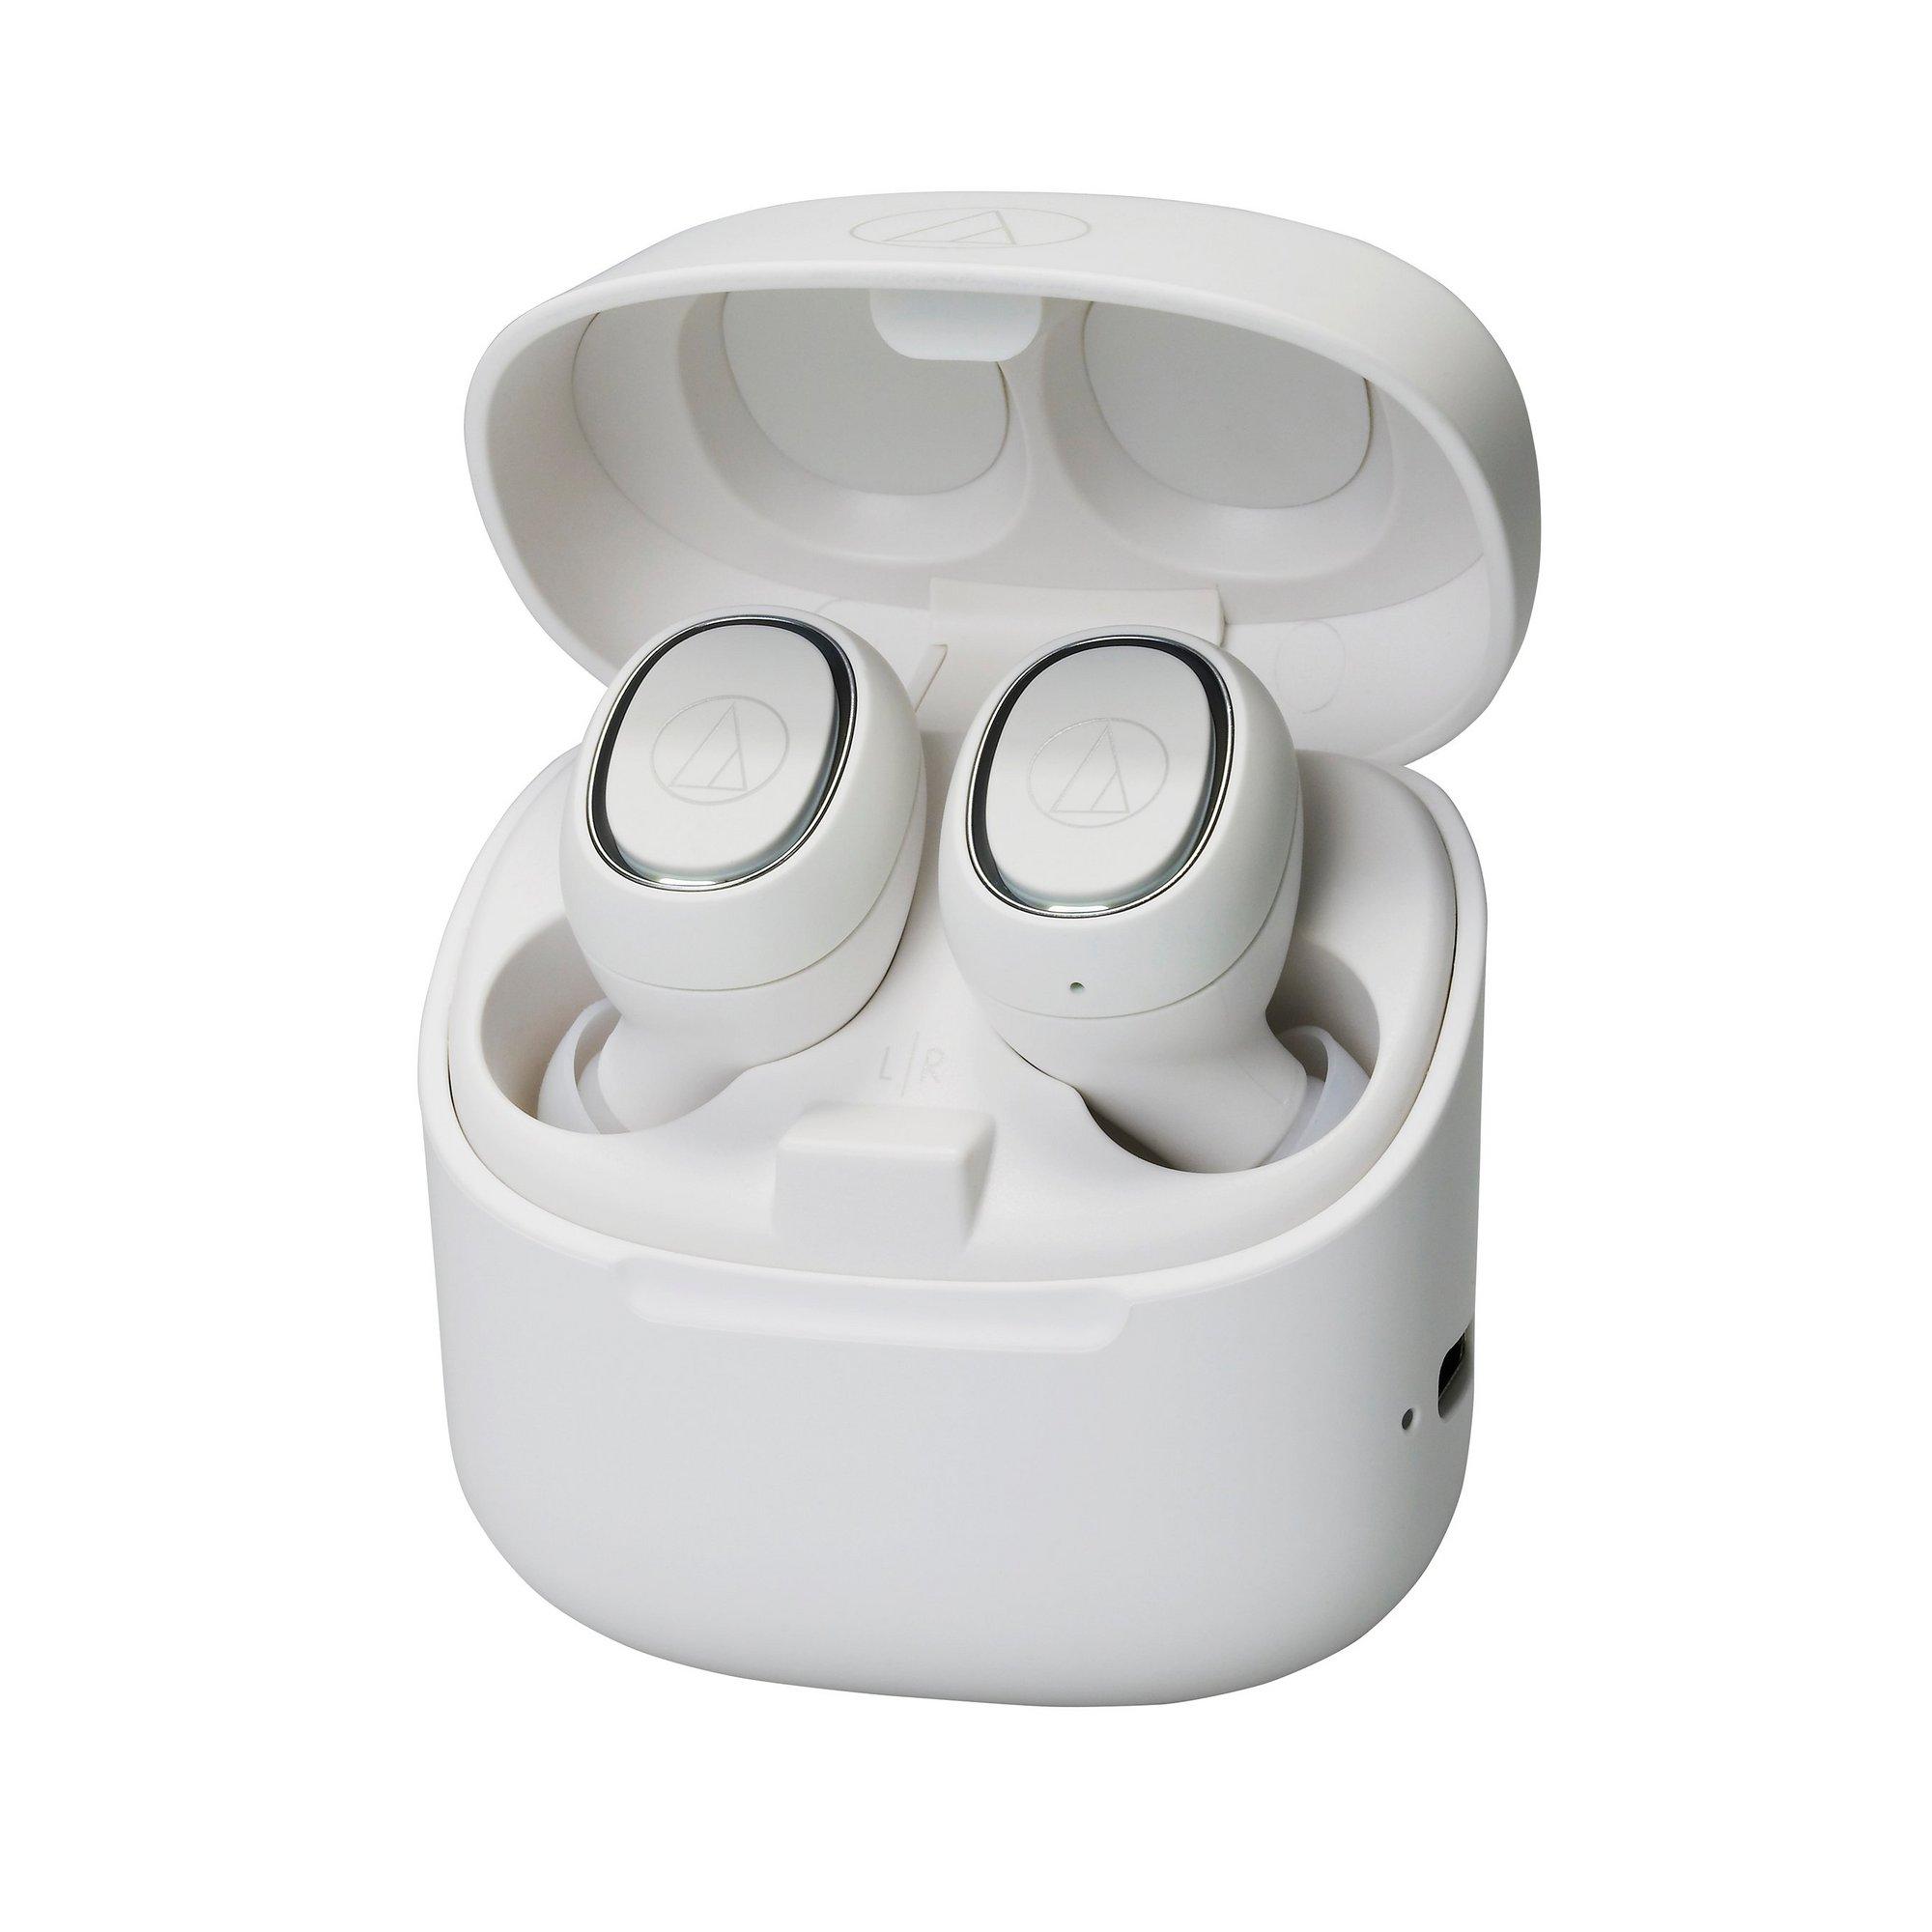 Image of Audio-Technica ATH-CK3TW Wireless Headphones